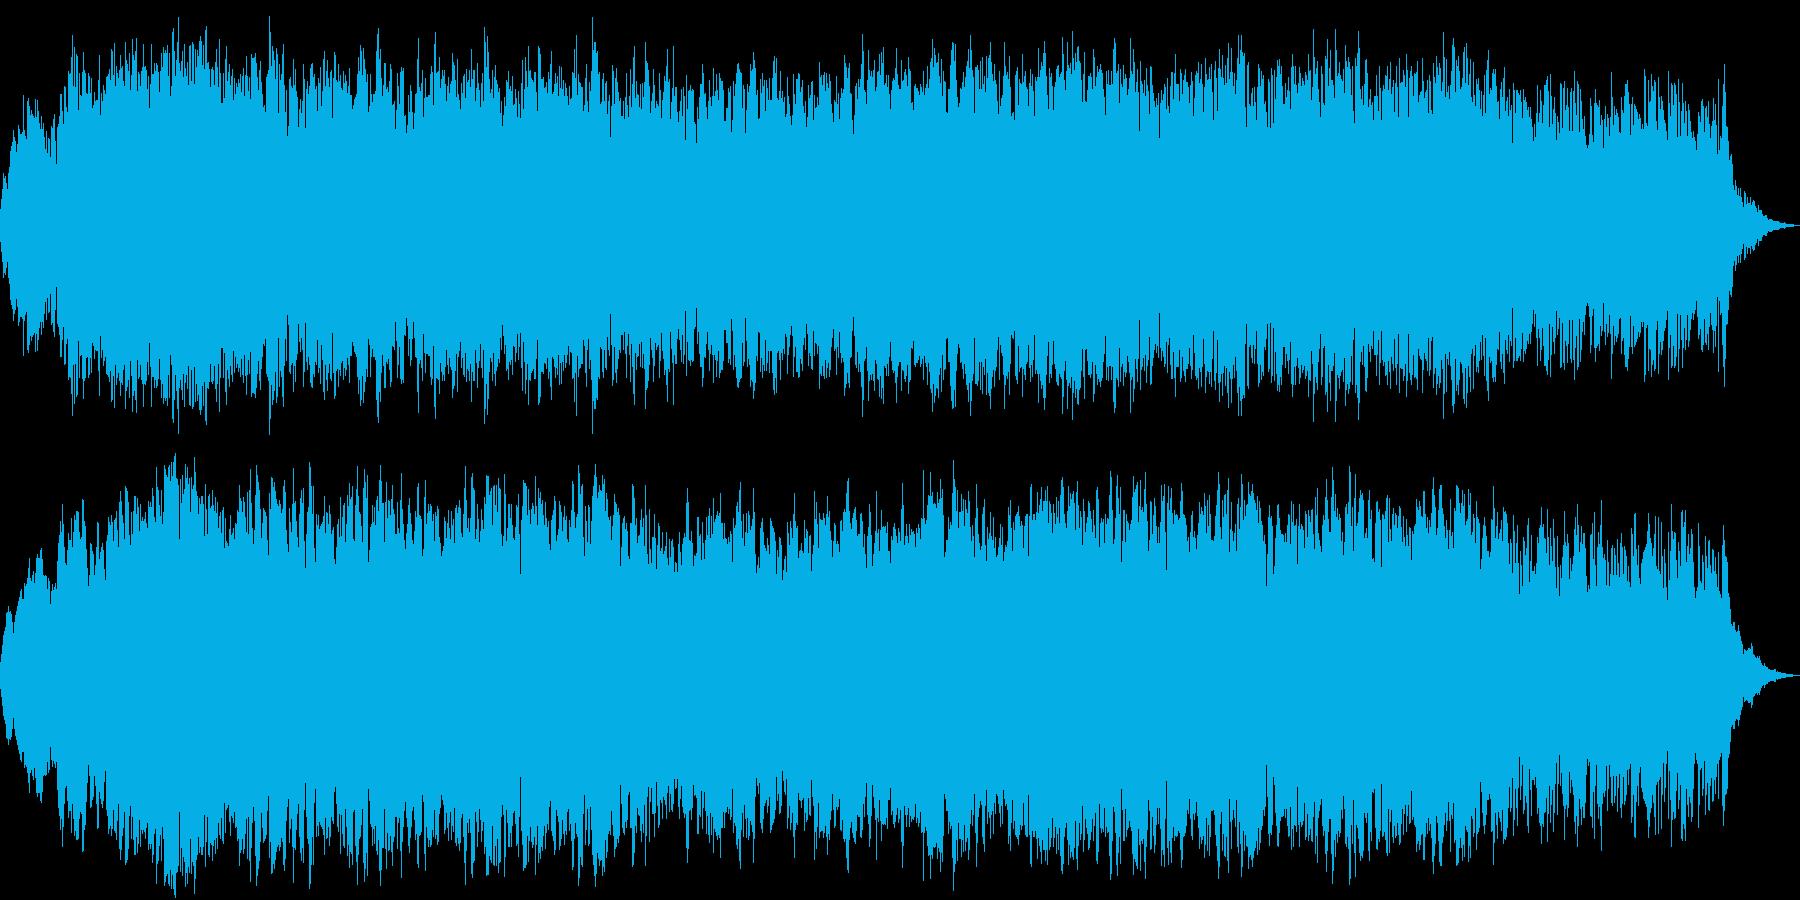 和風の琴とストリングスの再生済みの波形